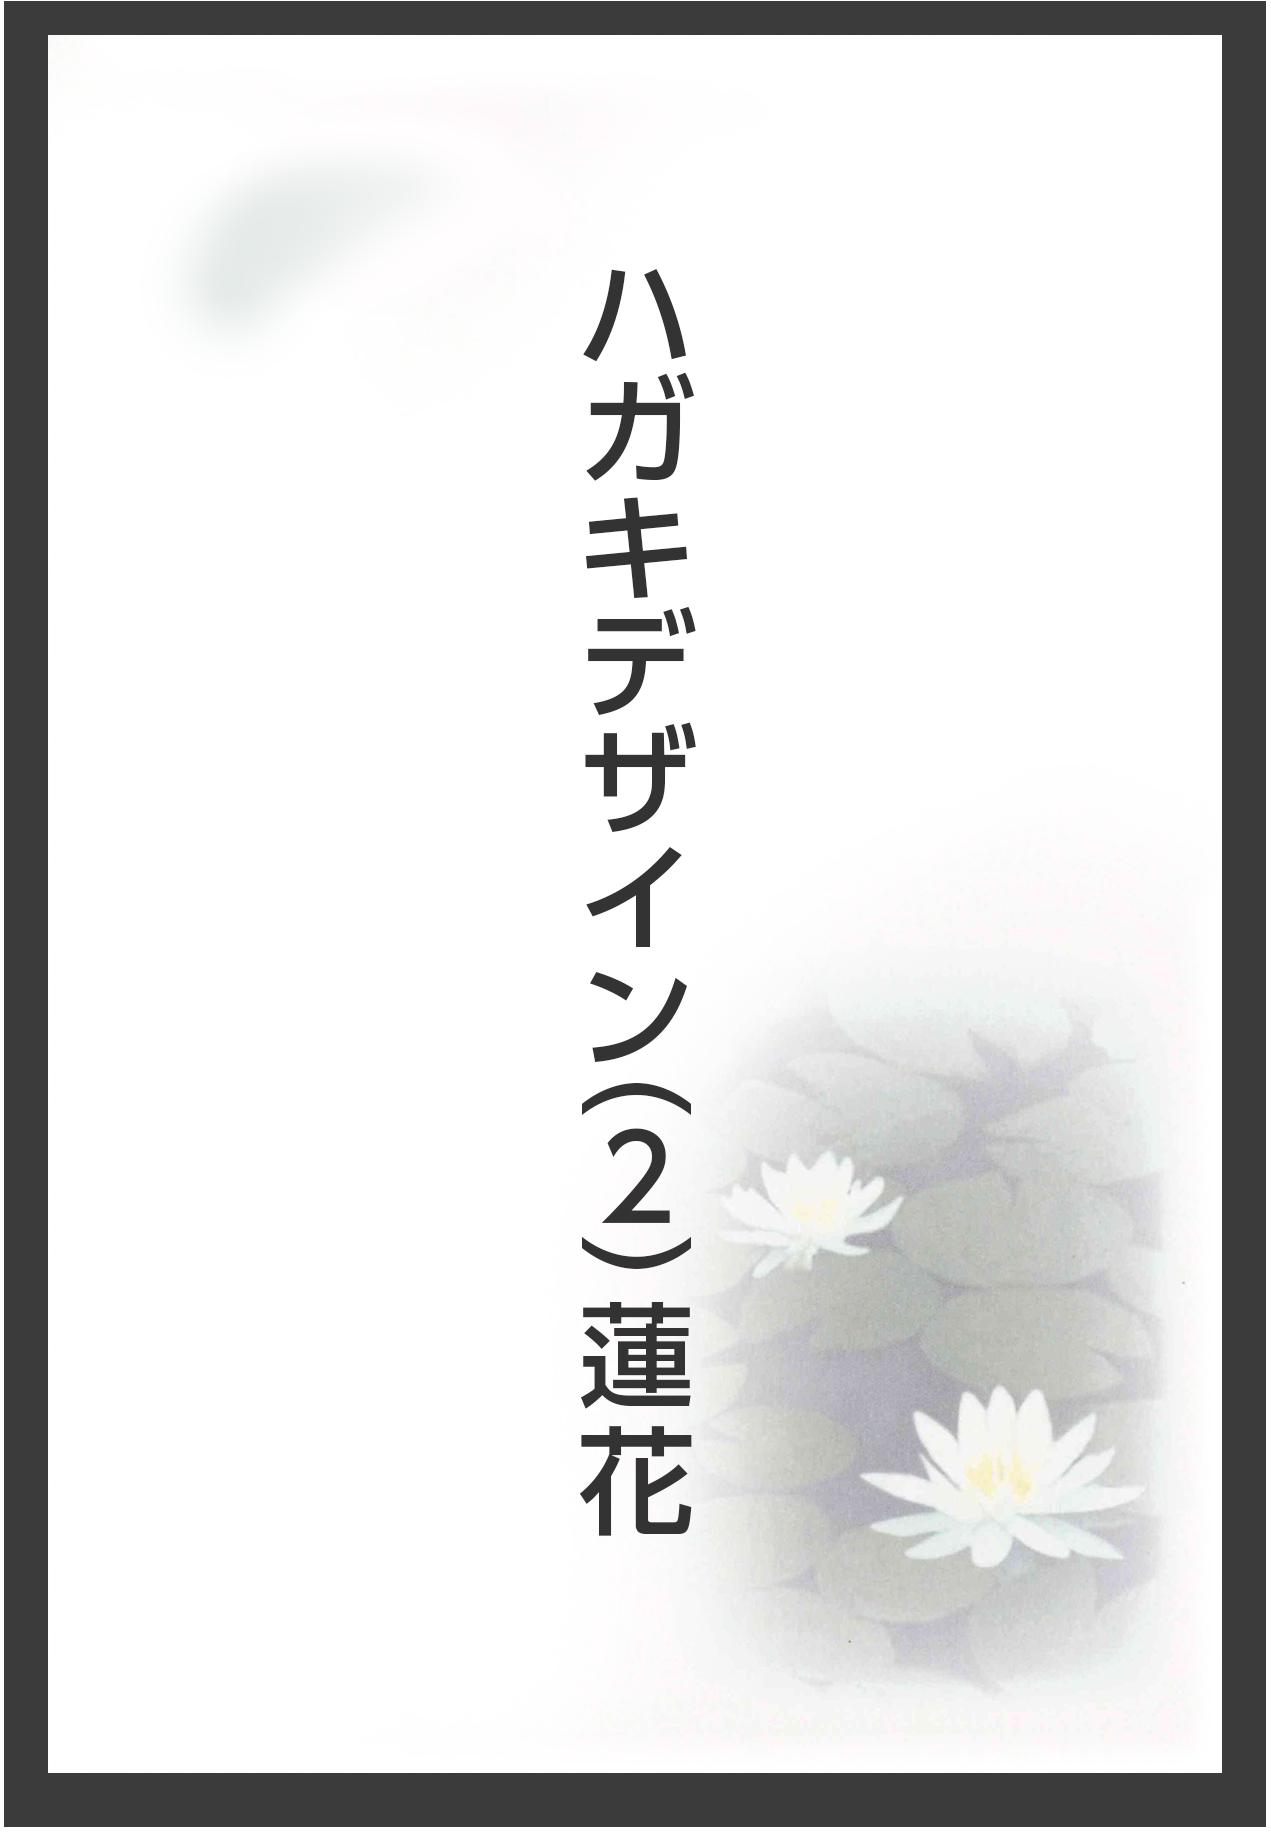 デザイン(2)蓮花